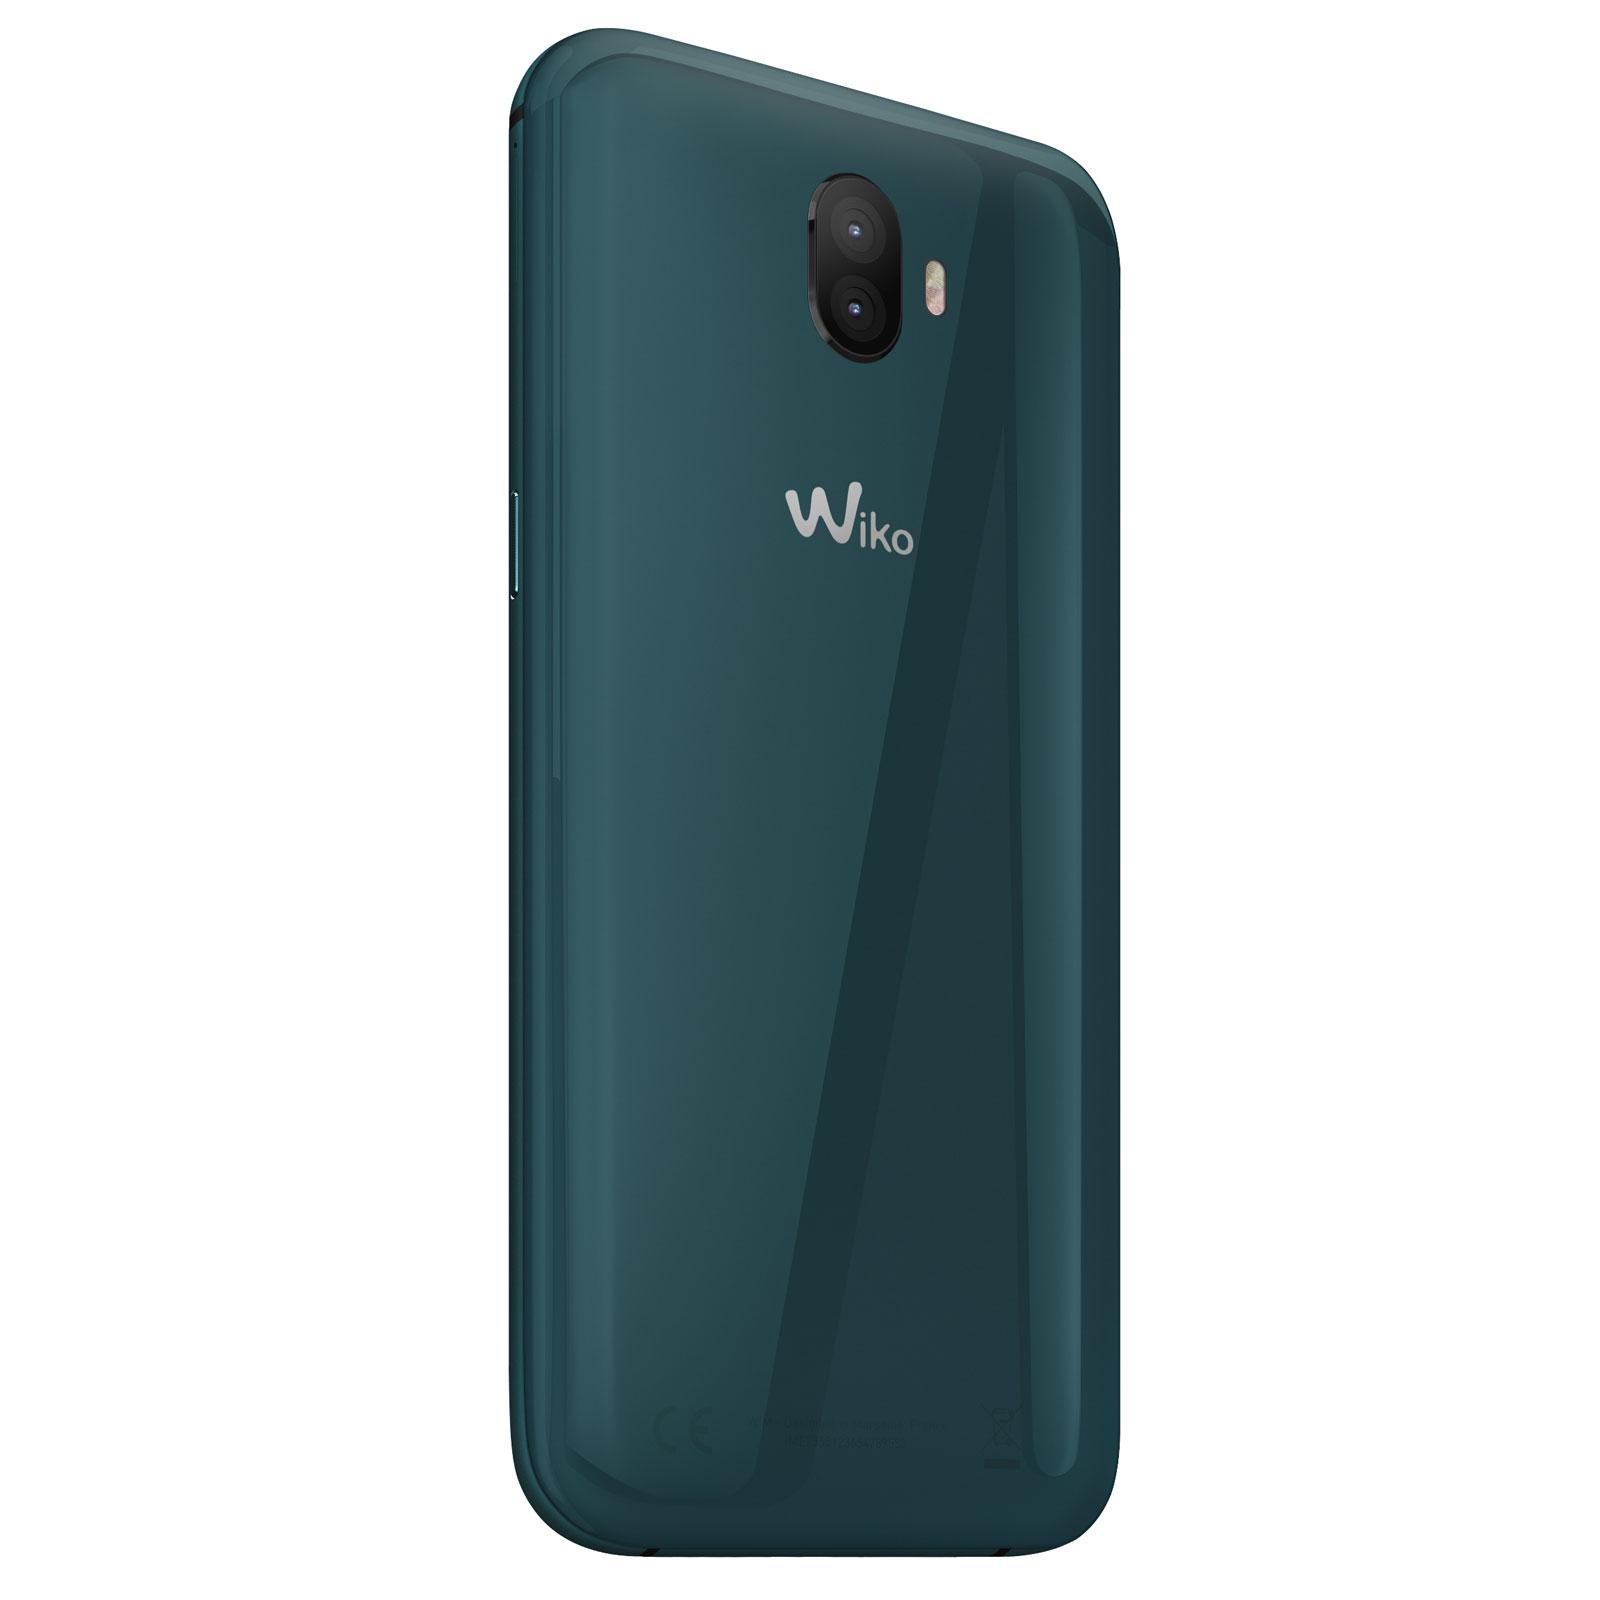 6be7b524184e66 ... Wiko WIM Bleen Smartphone 4G-LTE Dual SIM - Snapdragon 626 8. Photo(s)  non contractuelle(s)